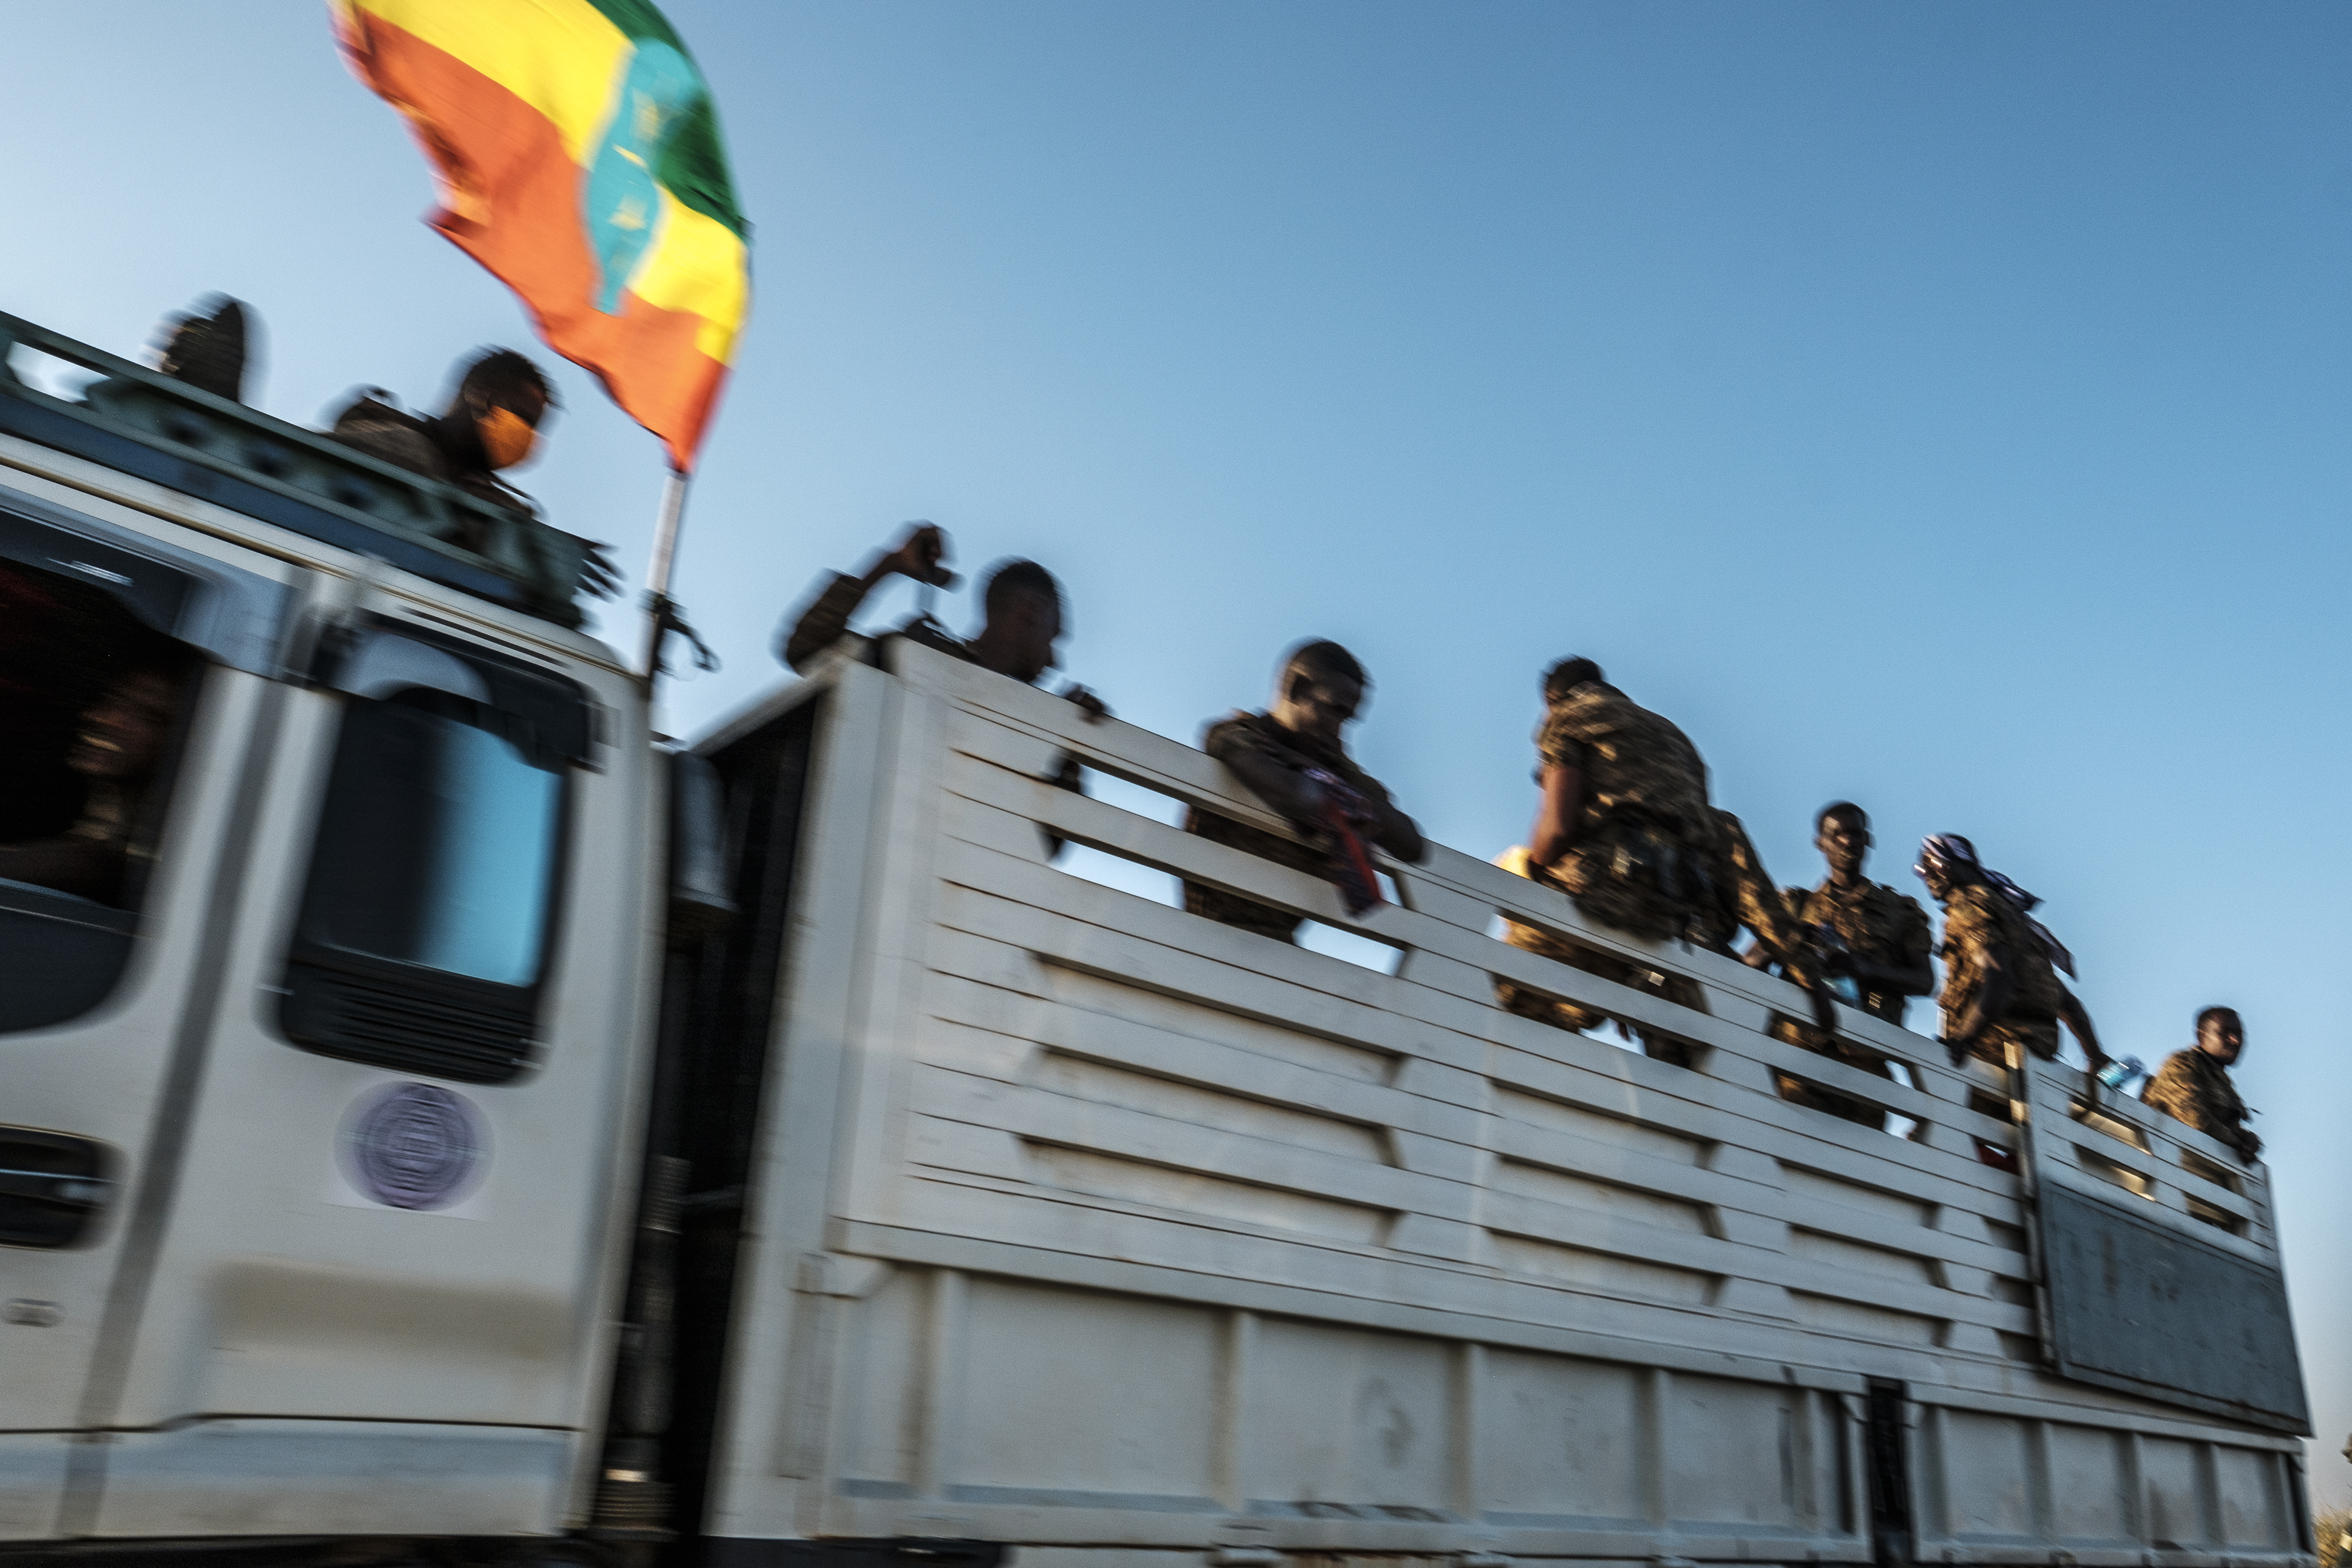 Órákon belül lejárhat az ultimátum, az etióp hadsereg lőni kezdheti az 500 ezer lakosú várost